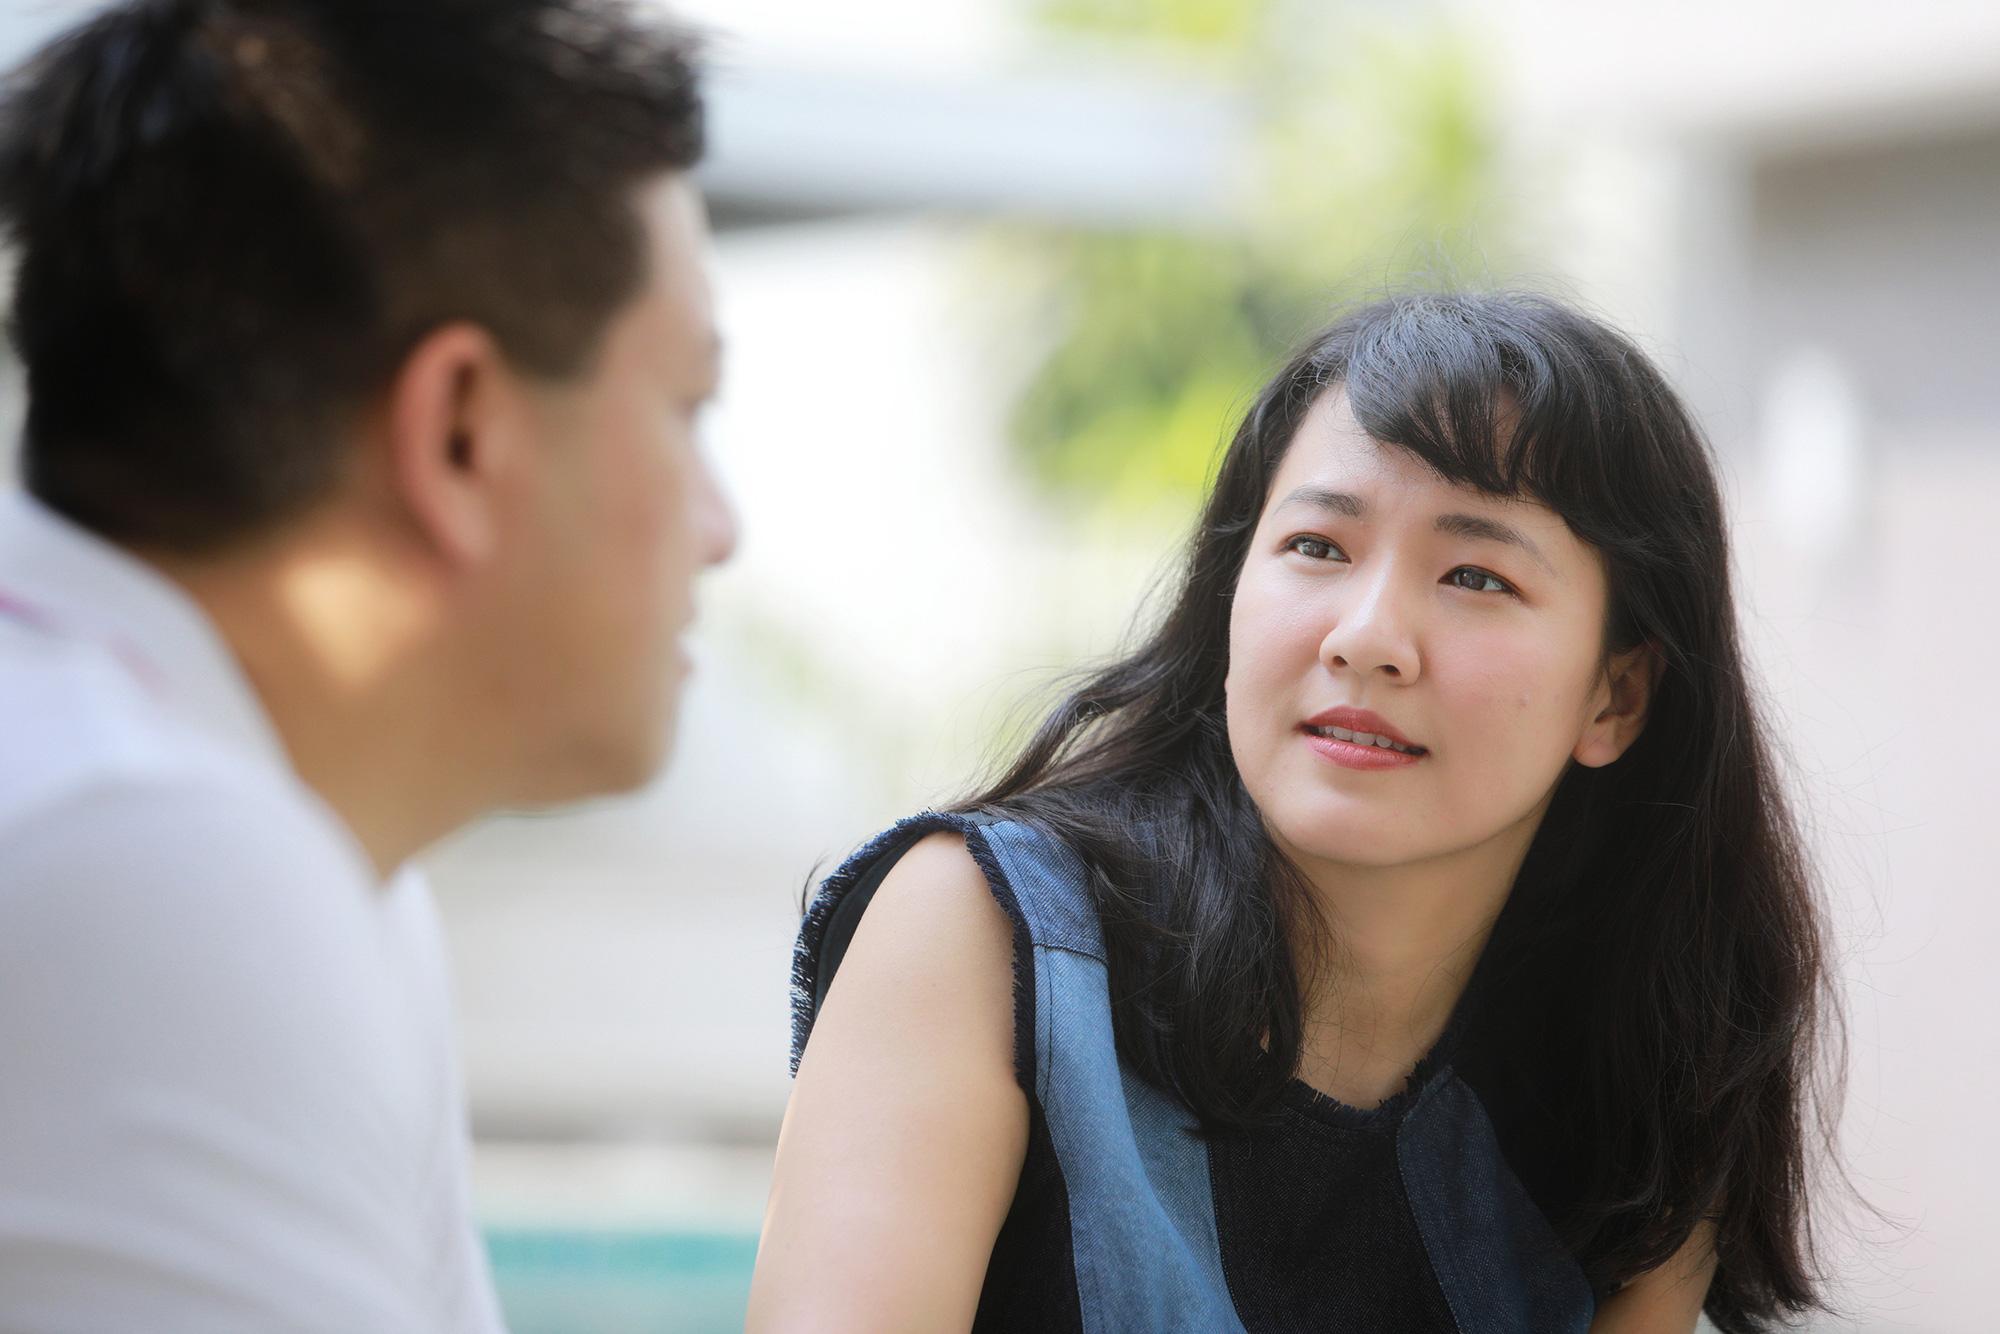 Lê Diệp Kiều Trang: Số mình có lẽ không có duyên làm thuê, đam mê lớn nhất bây giờ là các startup Việt Nam! - Ảnh 4.